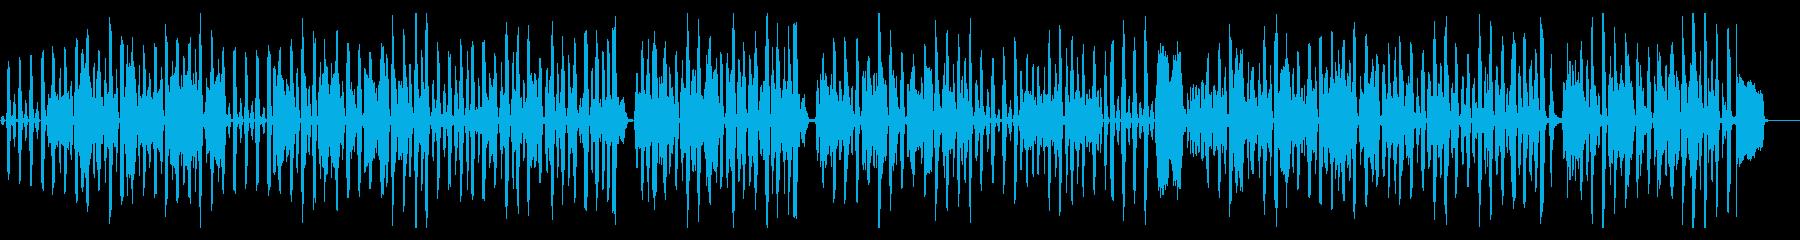 ほのぼの昭和レトロの再生済みの波形